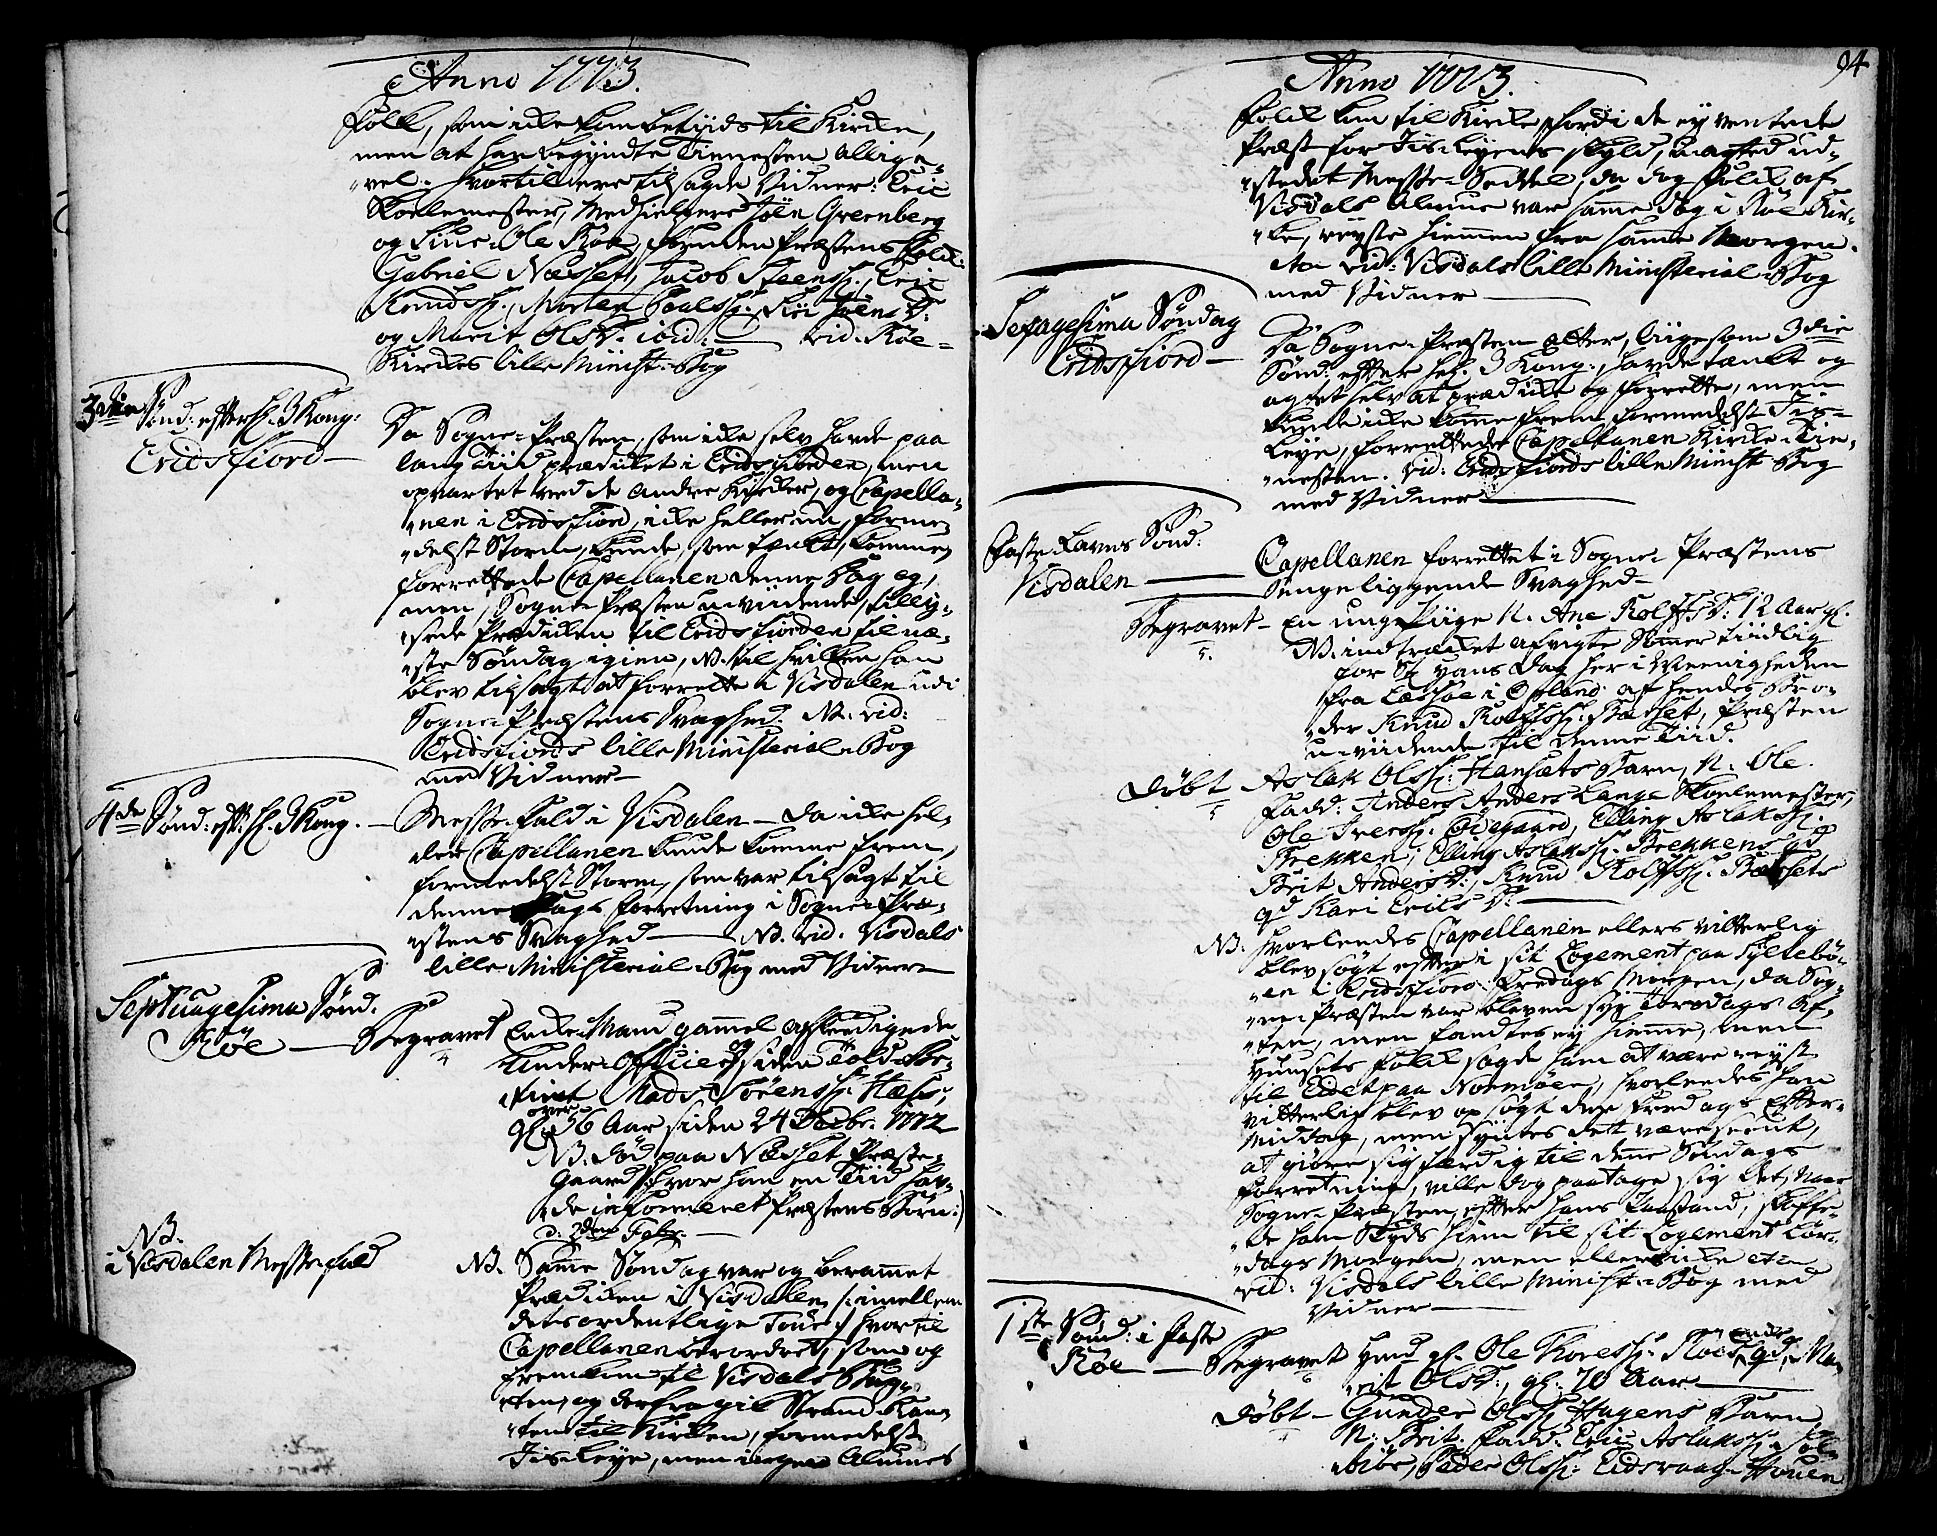 SAT, Ministerialprotokoller, klokkerbøker og fødselsregistre - Møre og Romsdal, 551/L0621: Ministerialbok nr. 551A01, 1757-1803, s. 94